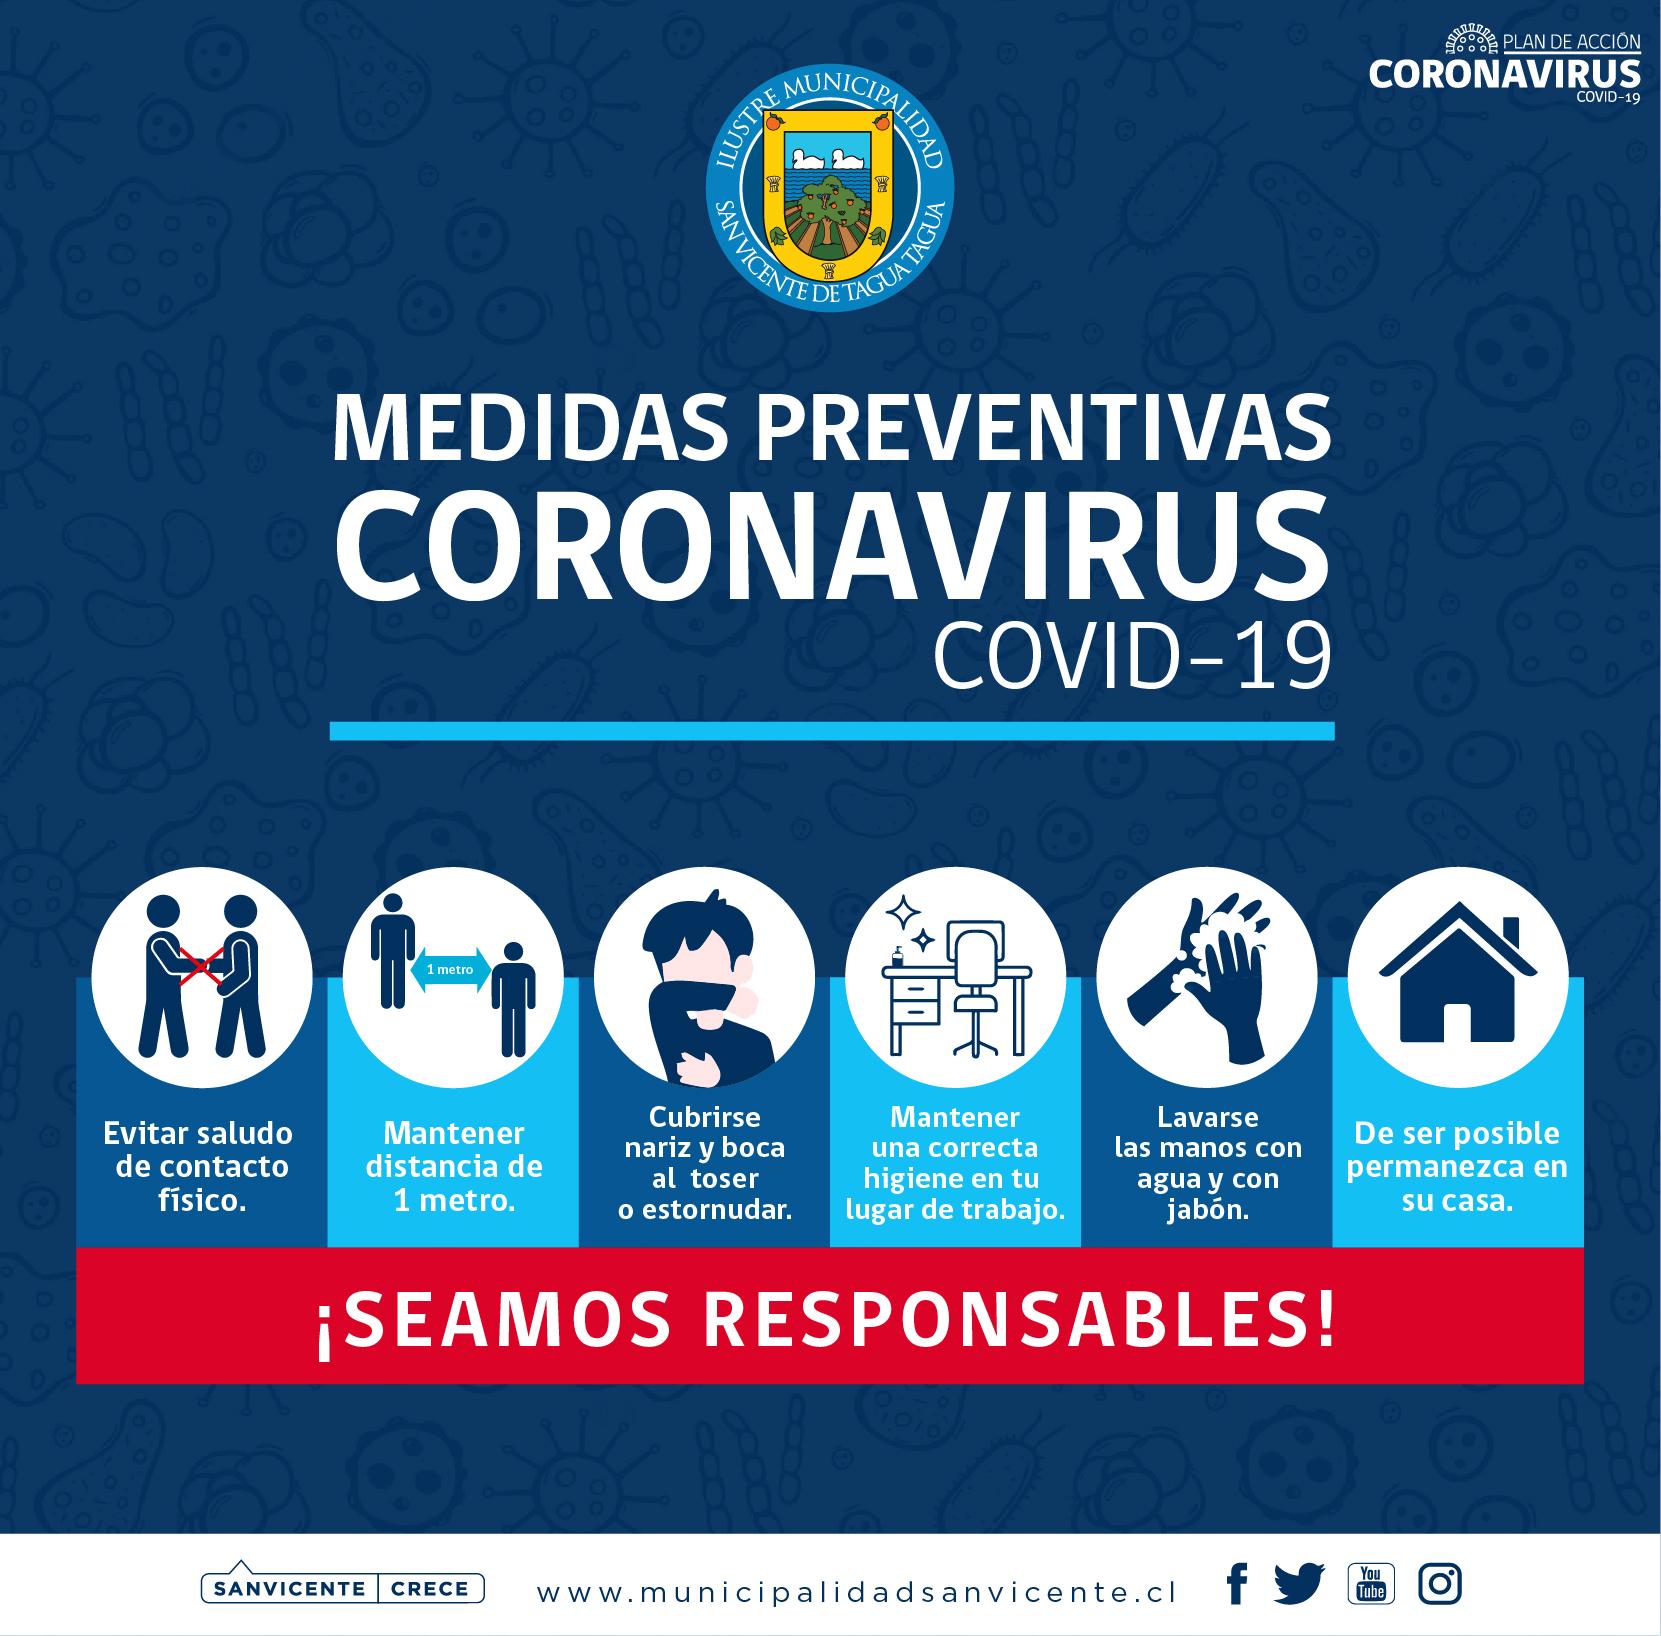 MEDIDAS PREVENTIVAS CORONAVIRUS COVID-19